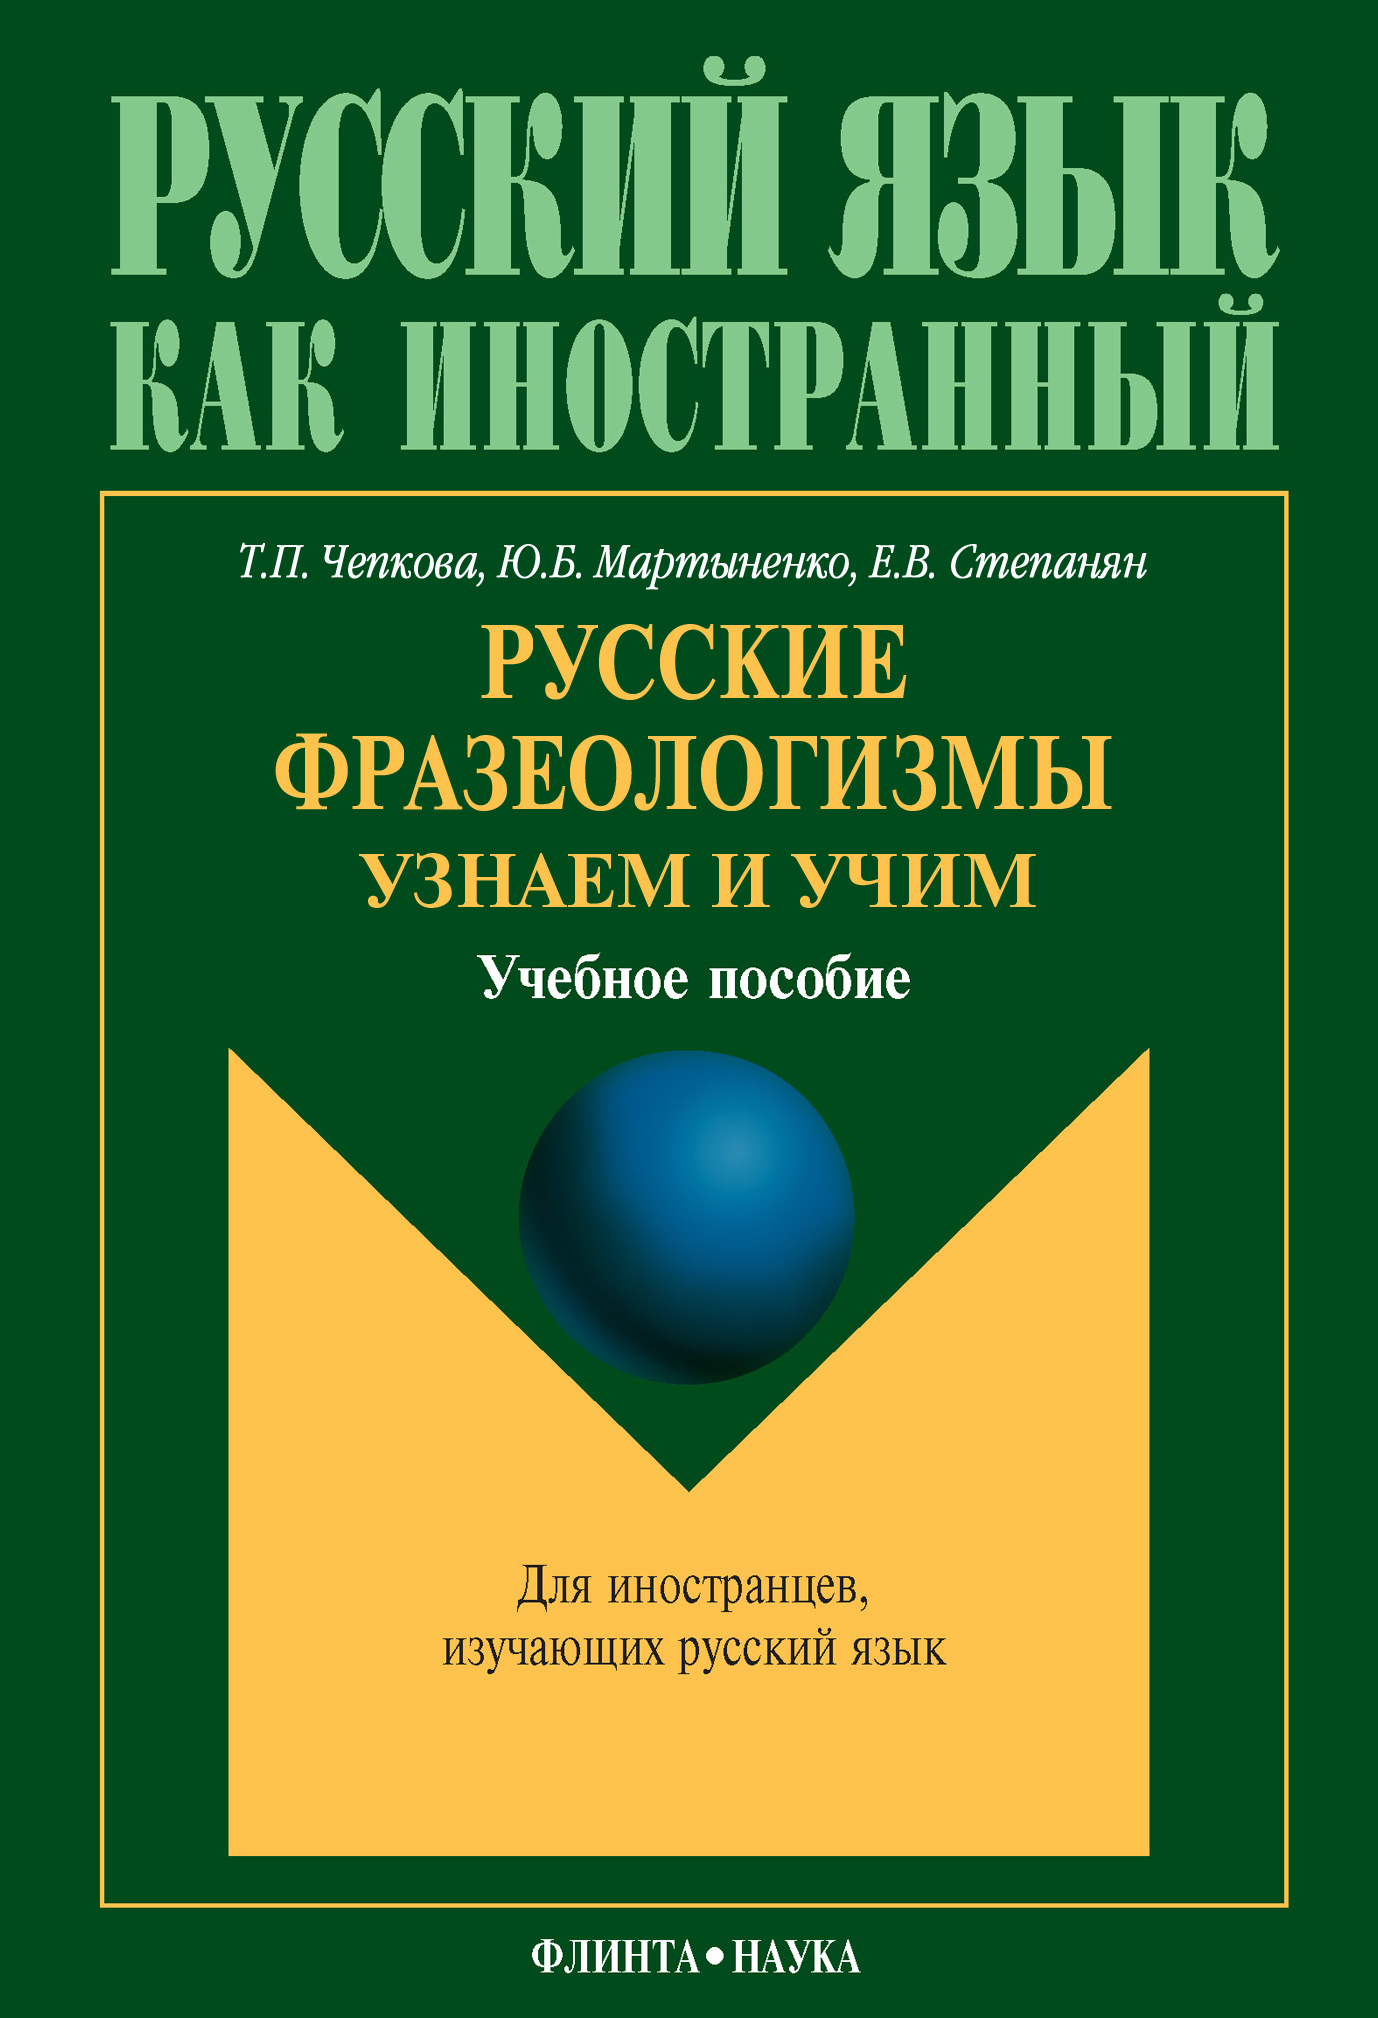 Ю. Б. Мартыненко Русские фразеологизмы. Узнаем и Учим: учебное пособие